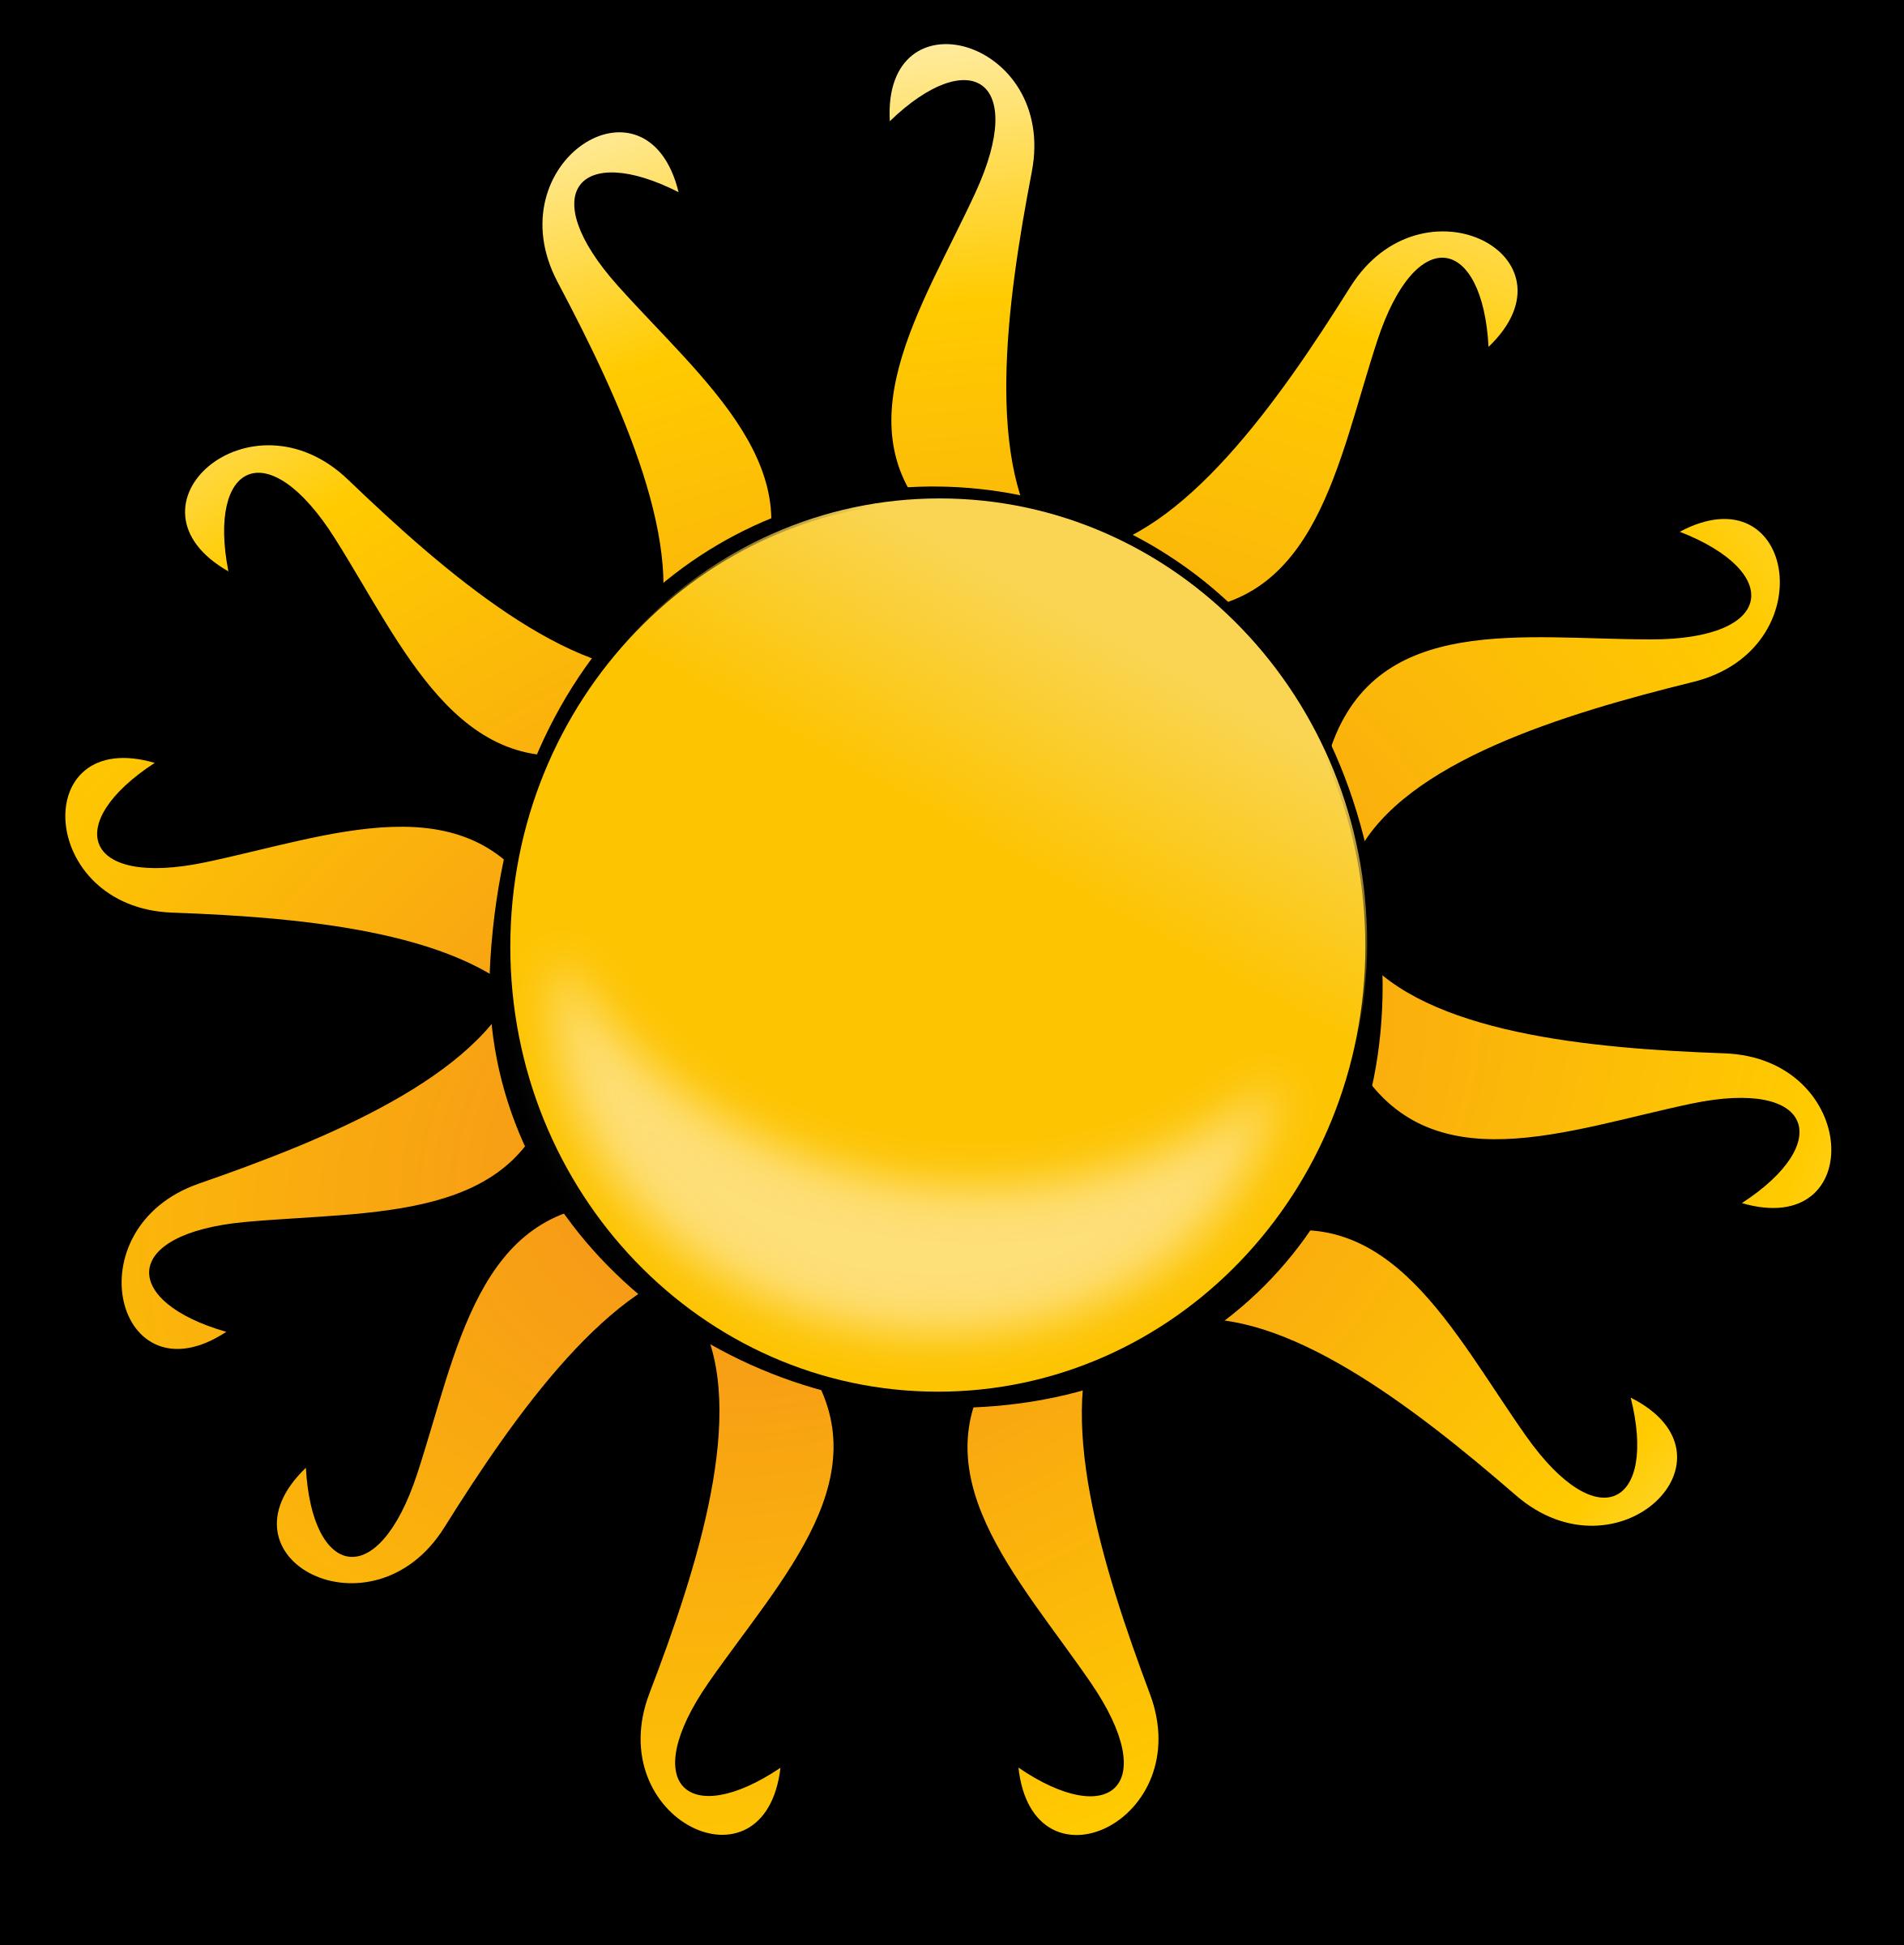 Sun cartoon clipart vector freeuse Clipart - Cartoon Sun vector freeuse